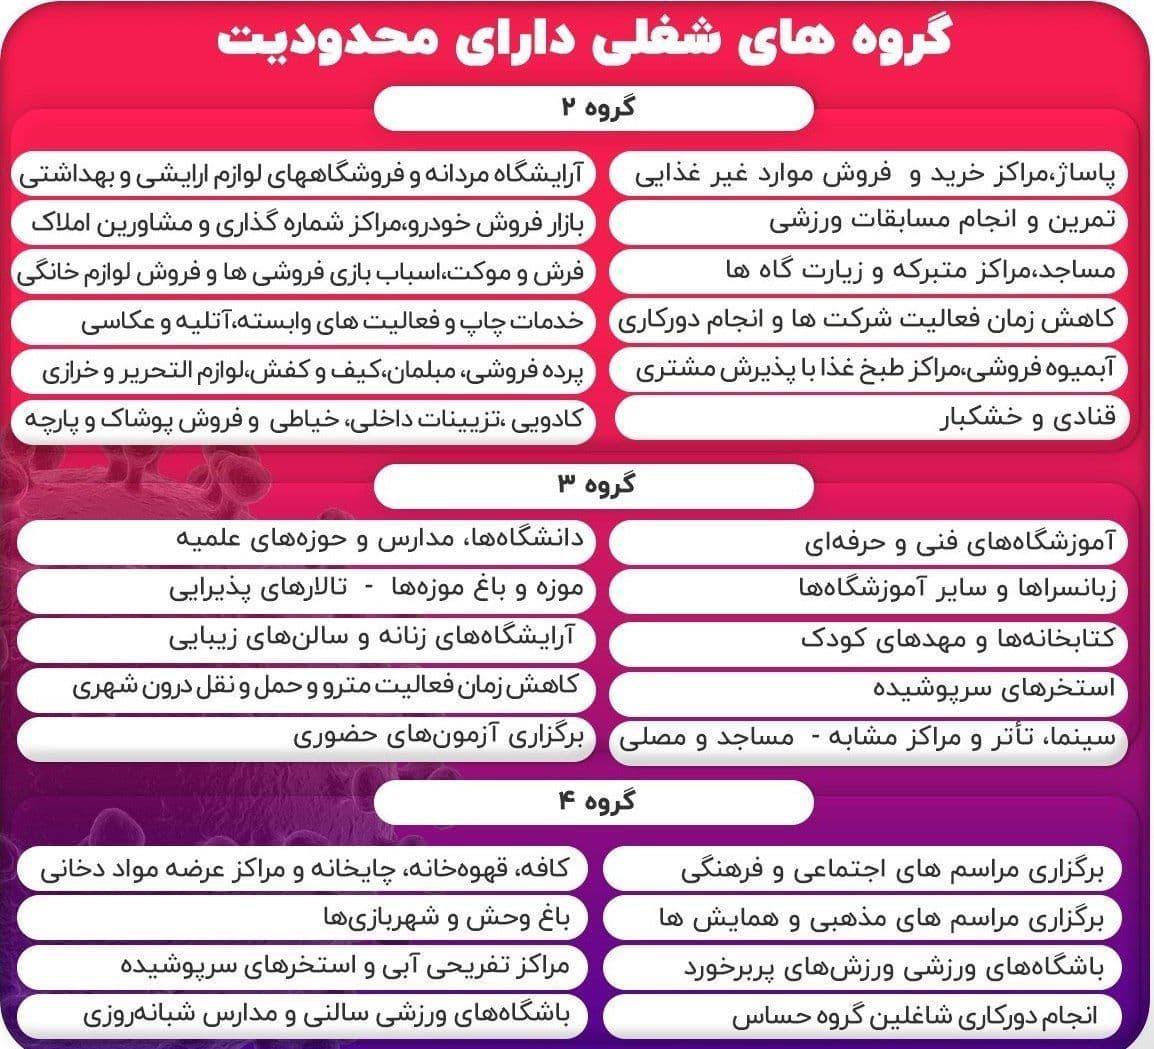 اجرای محدودیتهای جدید ضدکرونا در ۲۵ استان از امروز